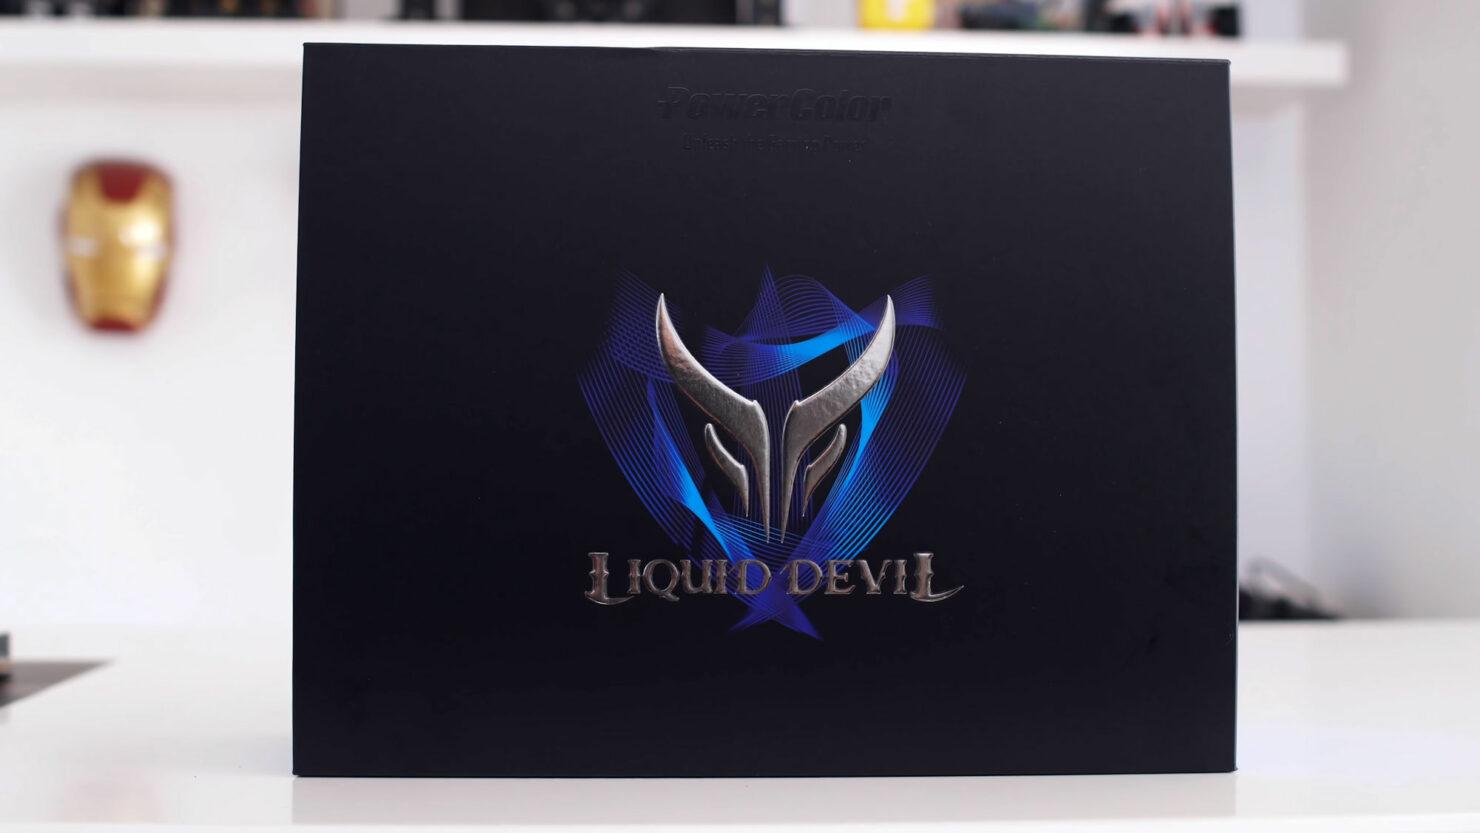 powercolor-rx-5700-liquid-devil-tech-of-tomorrow-1